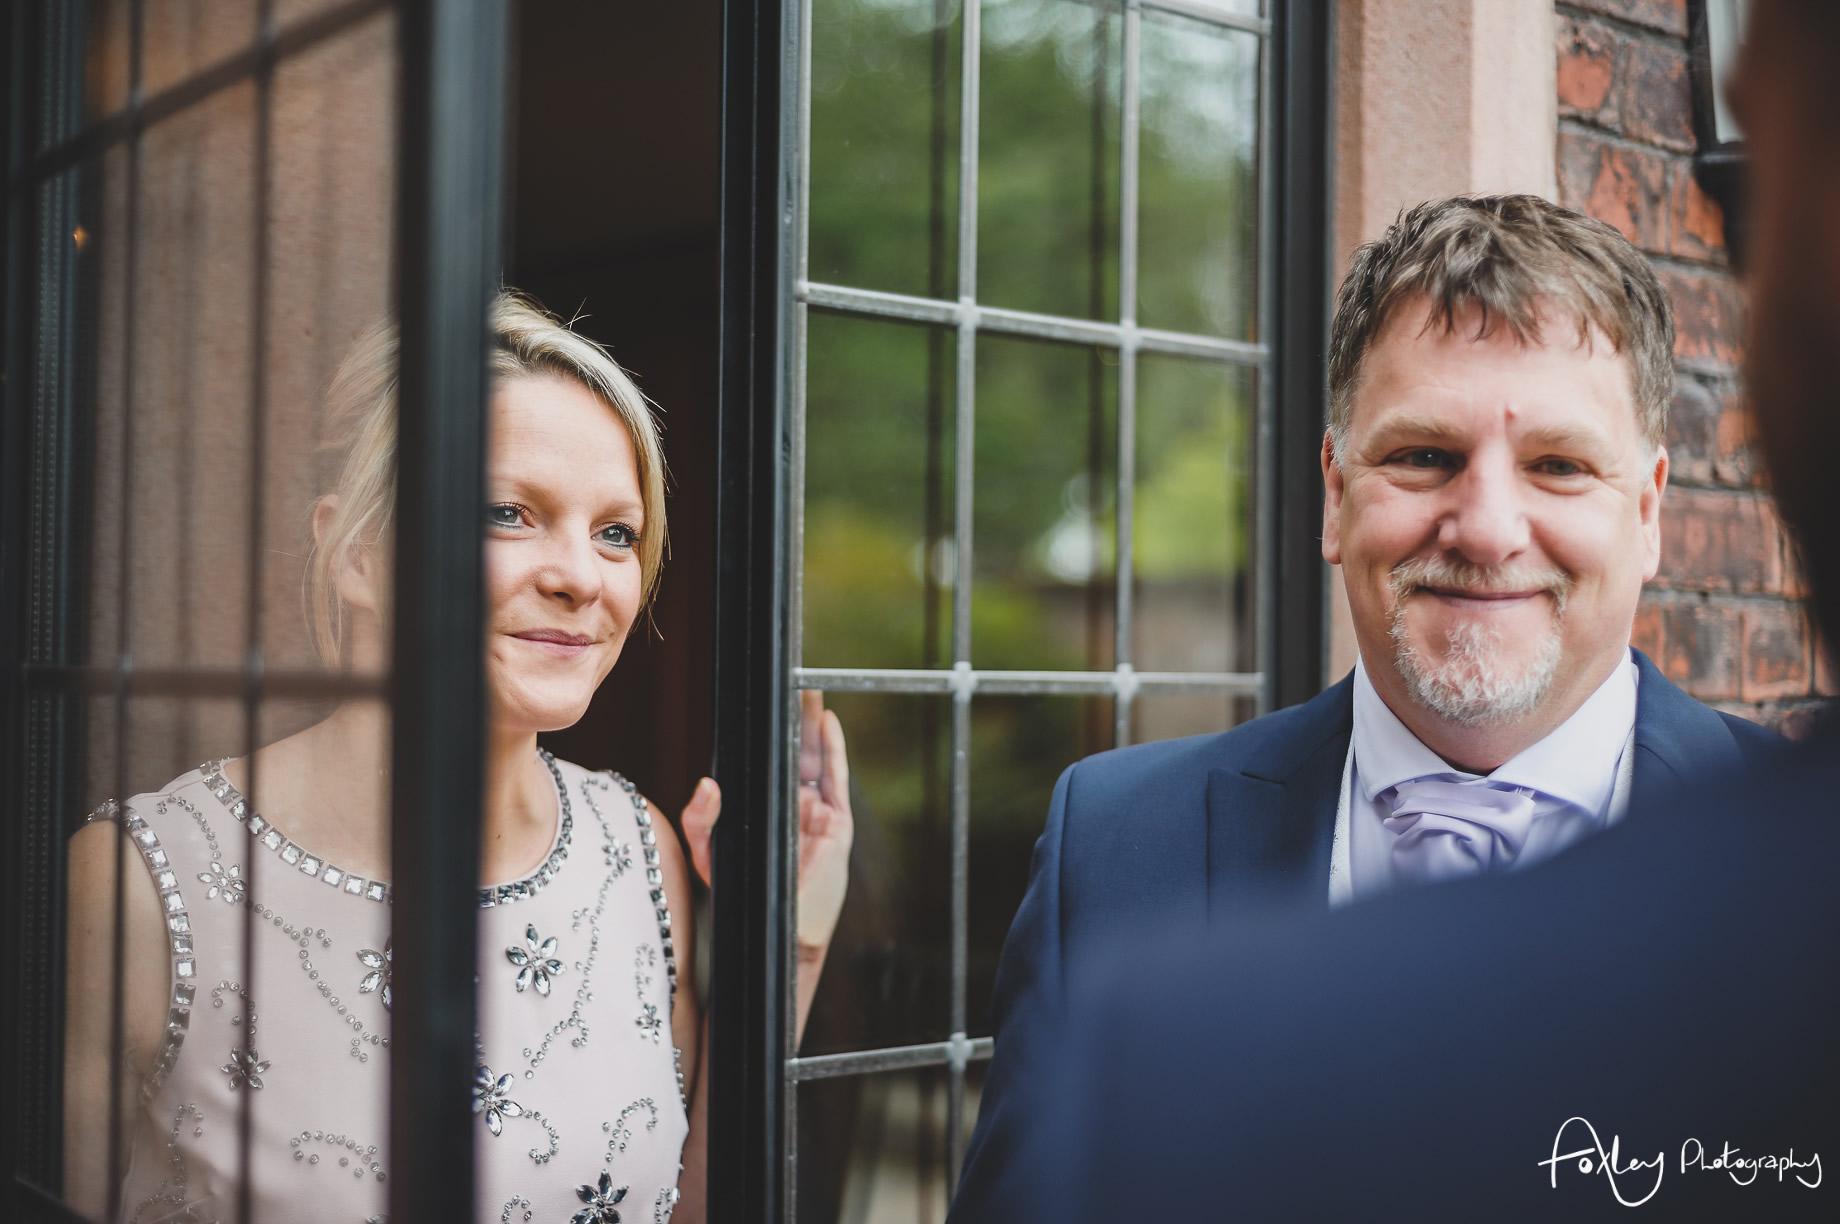 Simona-and-Robert-Wedding-at-Colshaw-Hall-047